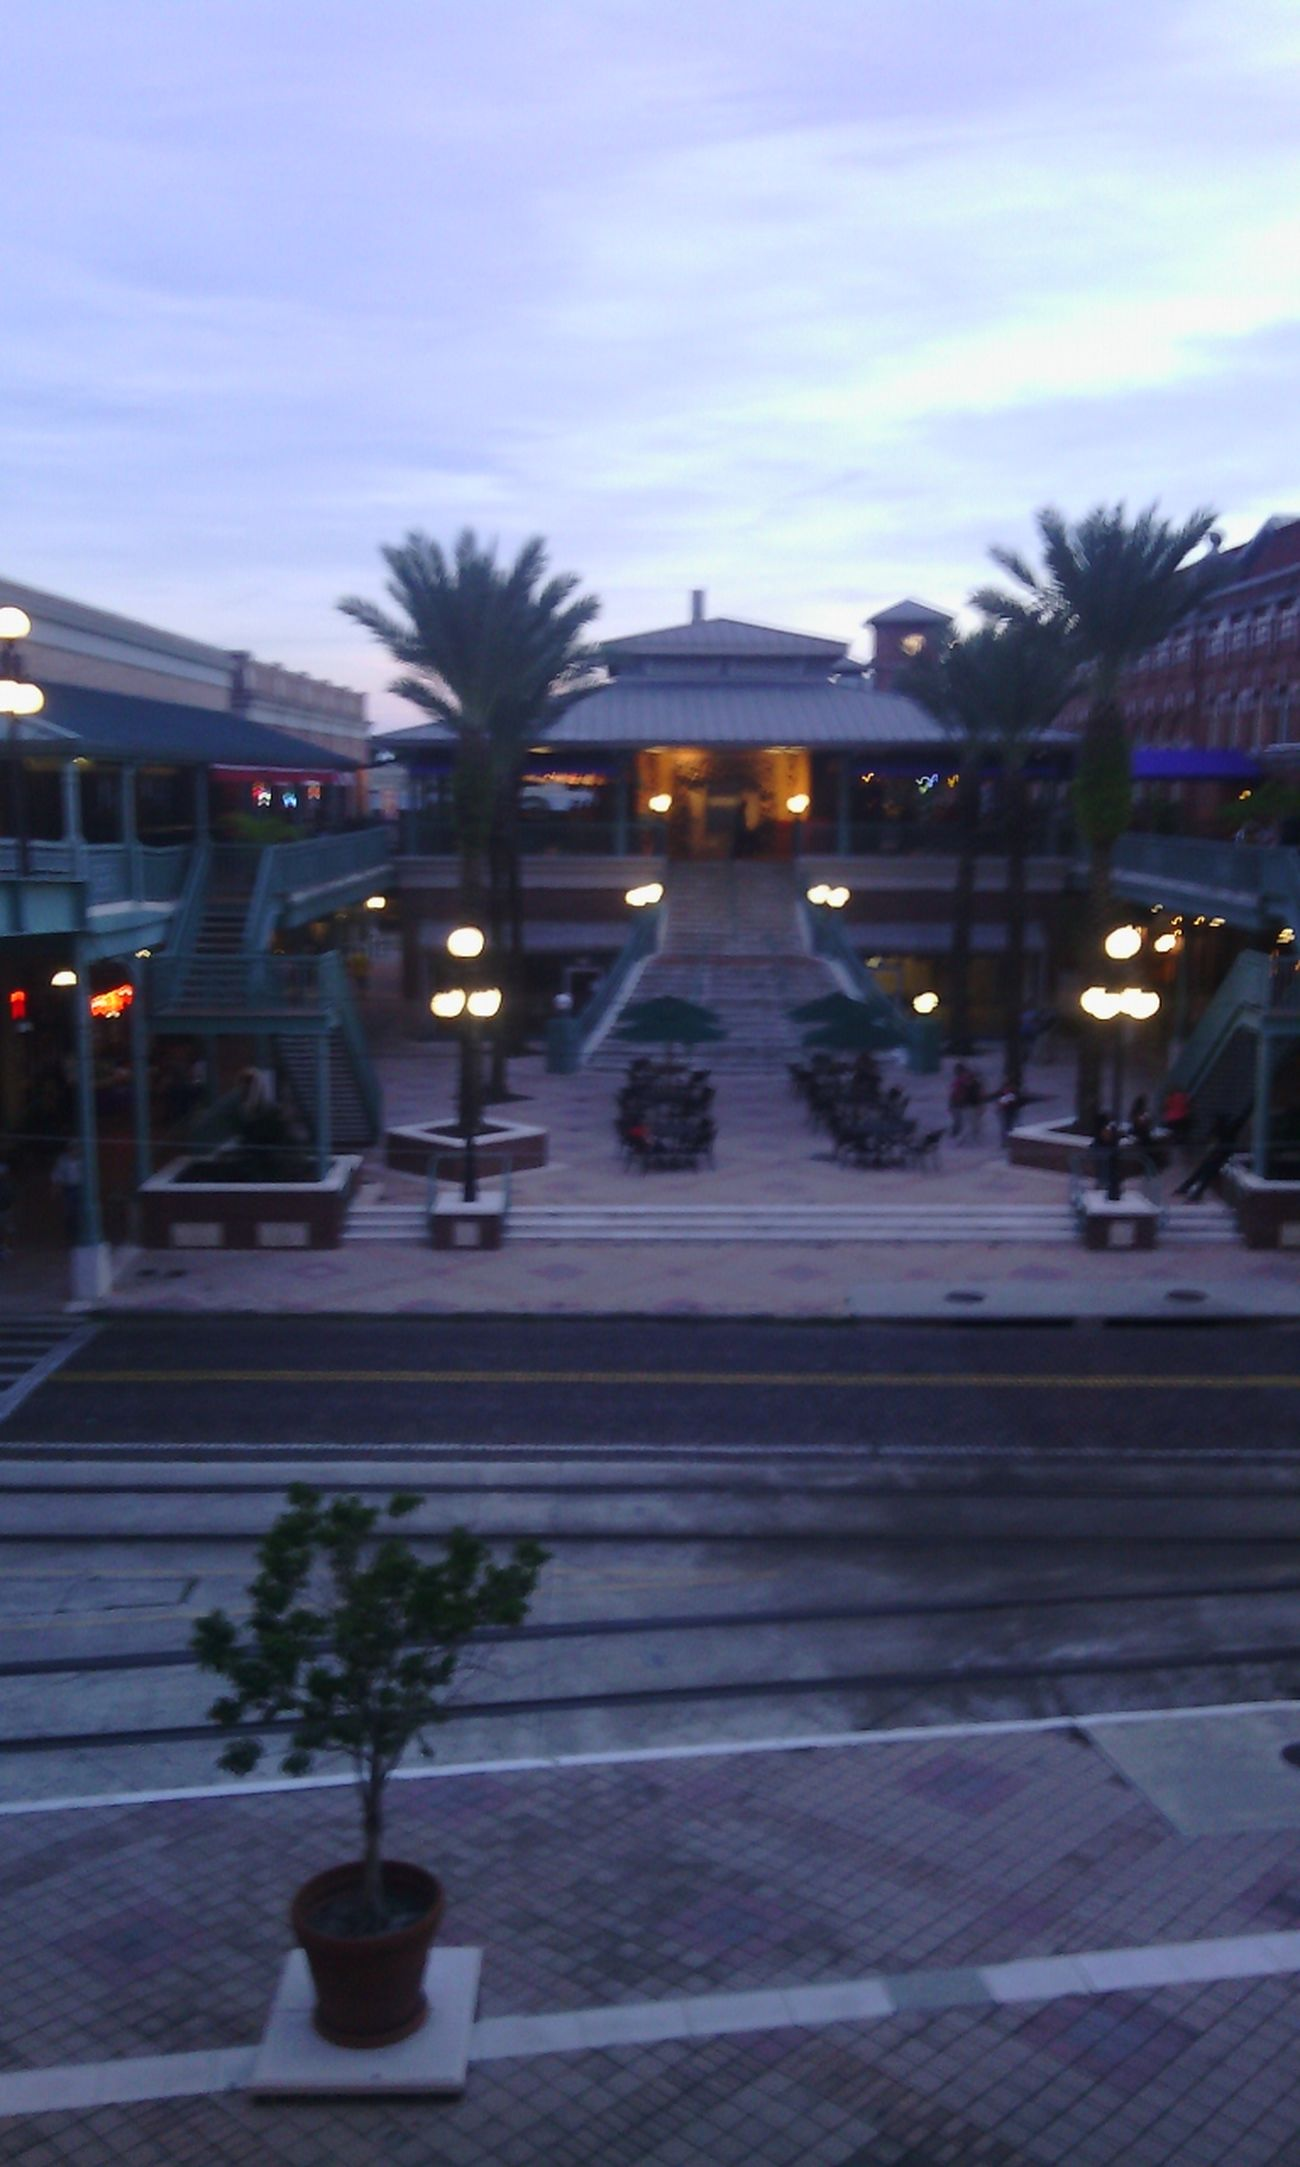 Tampa Yborcity